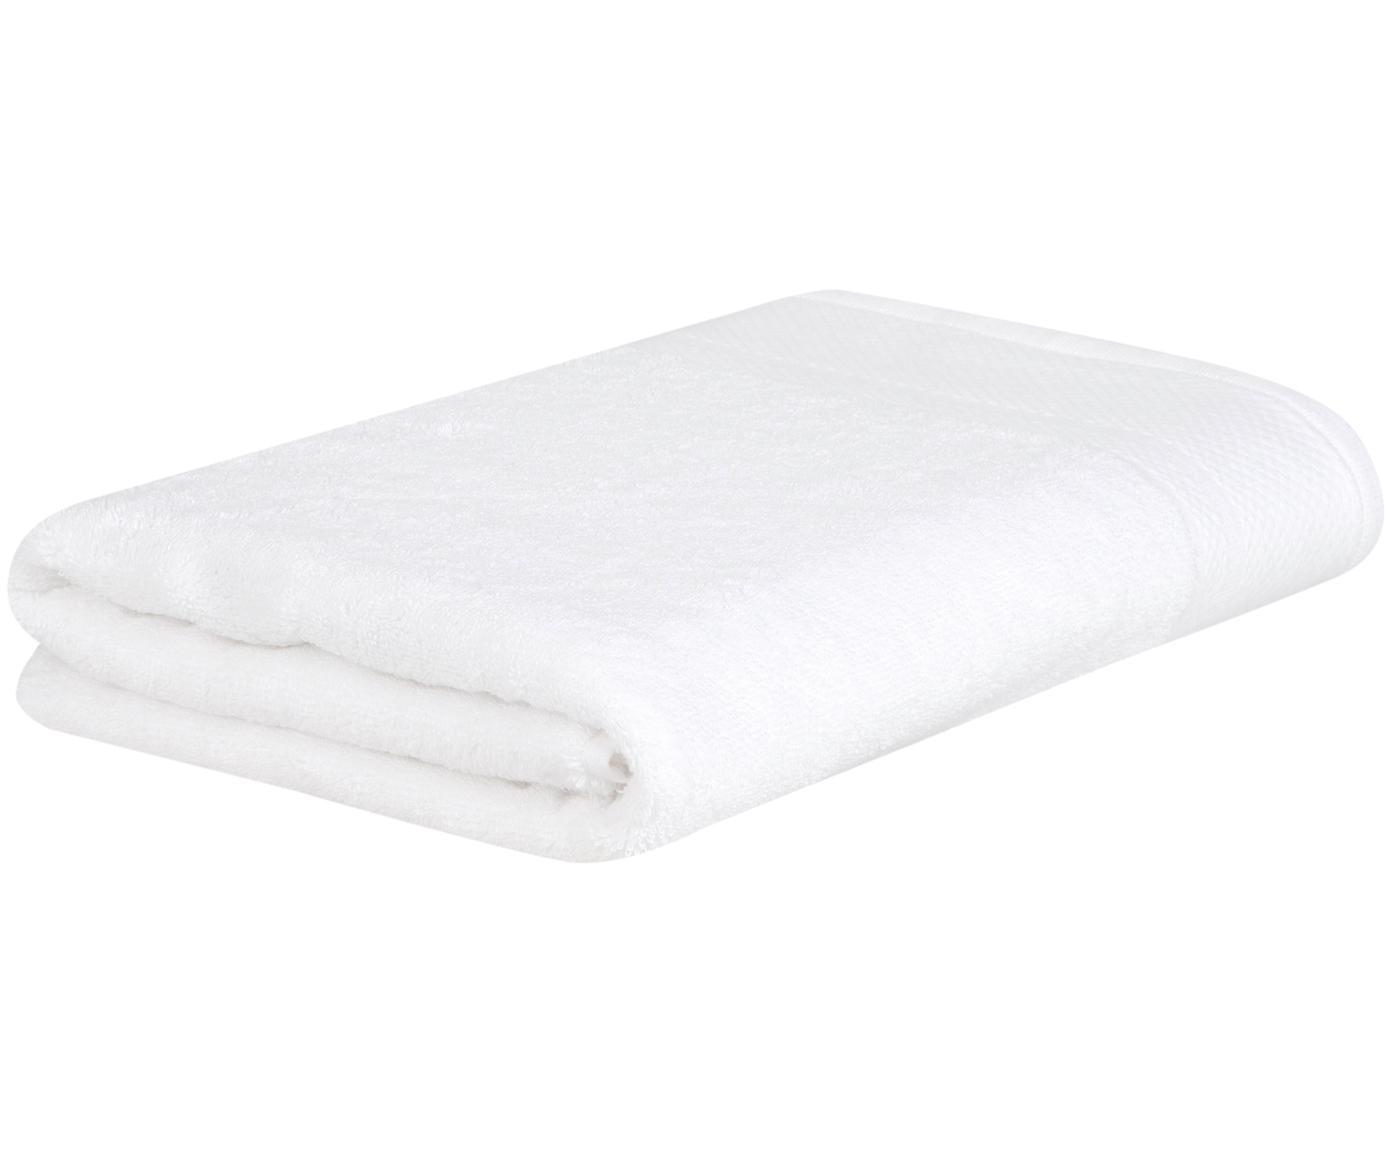 Ręcznik Premium, Biały, Ręcznik dla gości XS